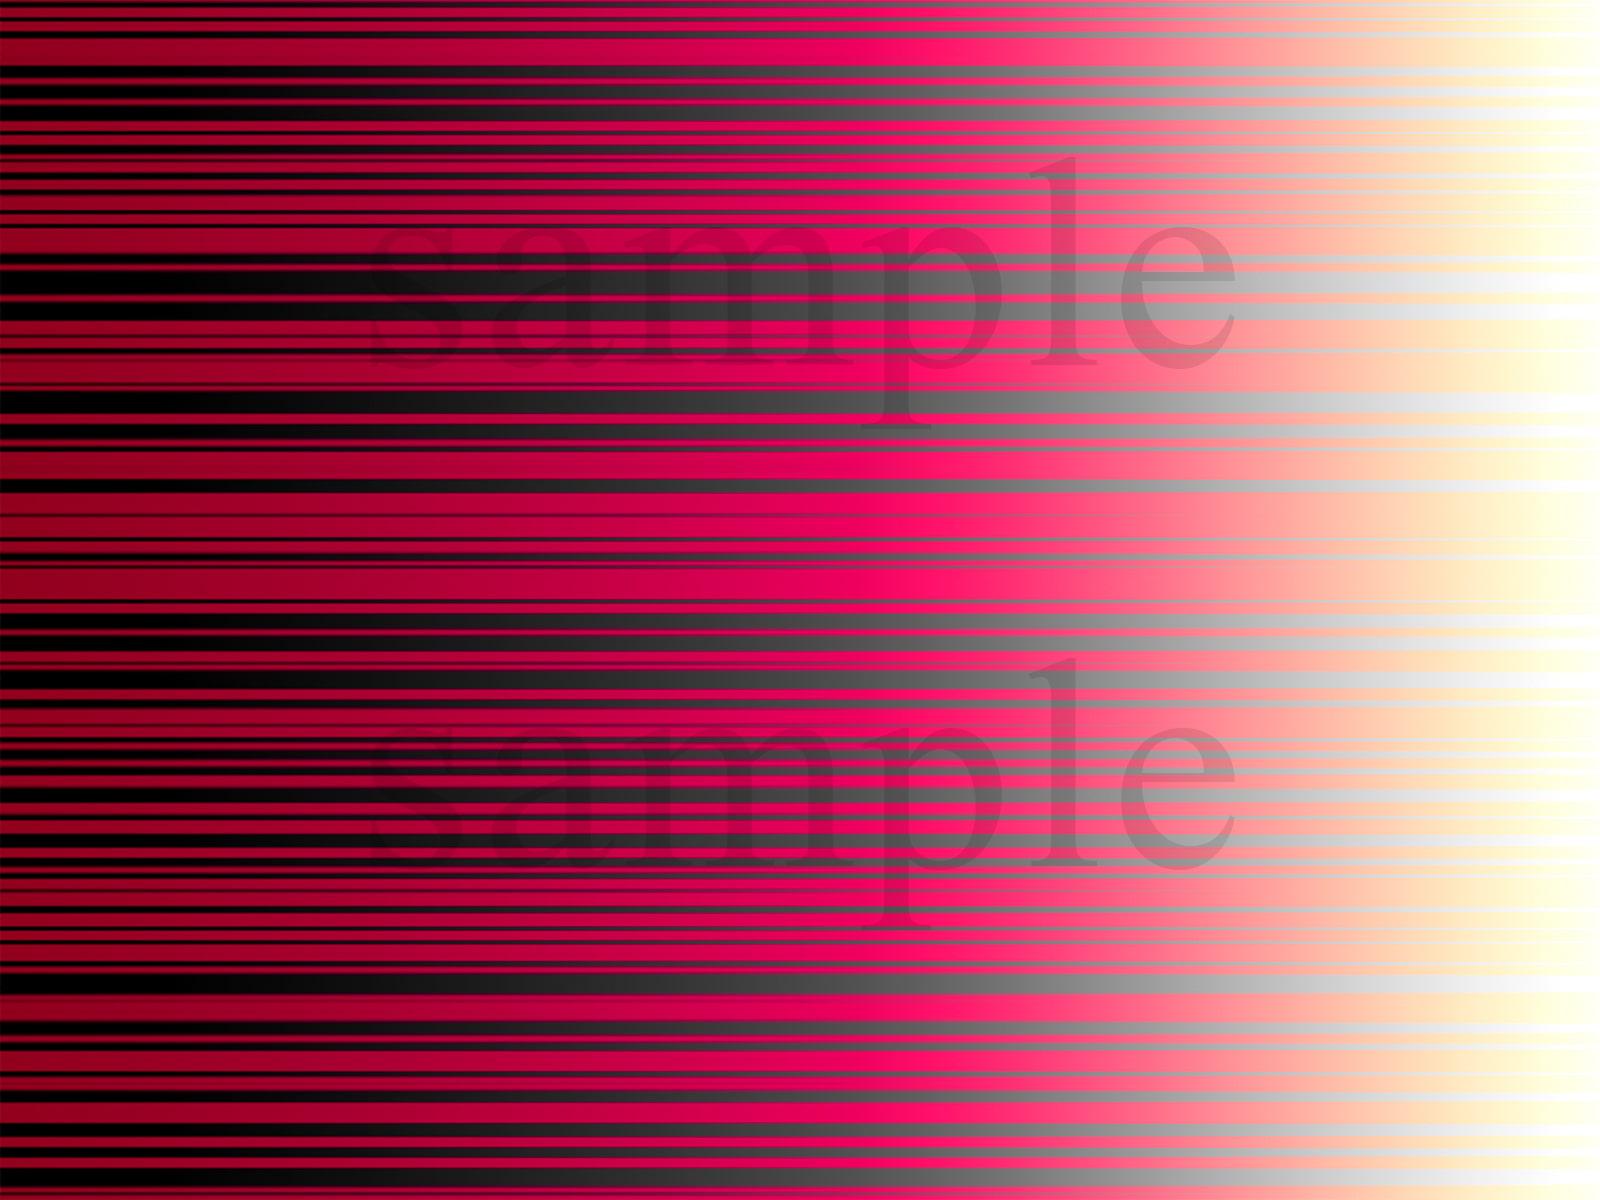 著作権フリー画像素材「スピード線背景 Vol.2」